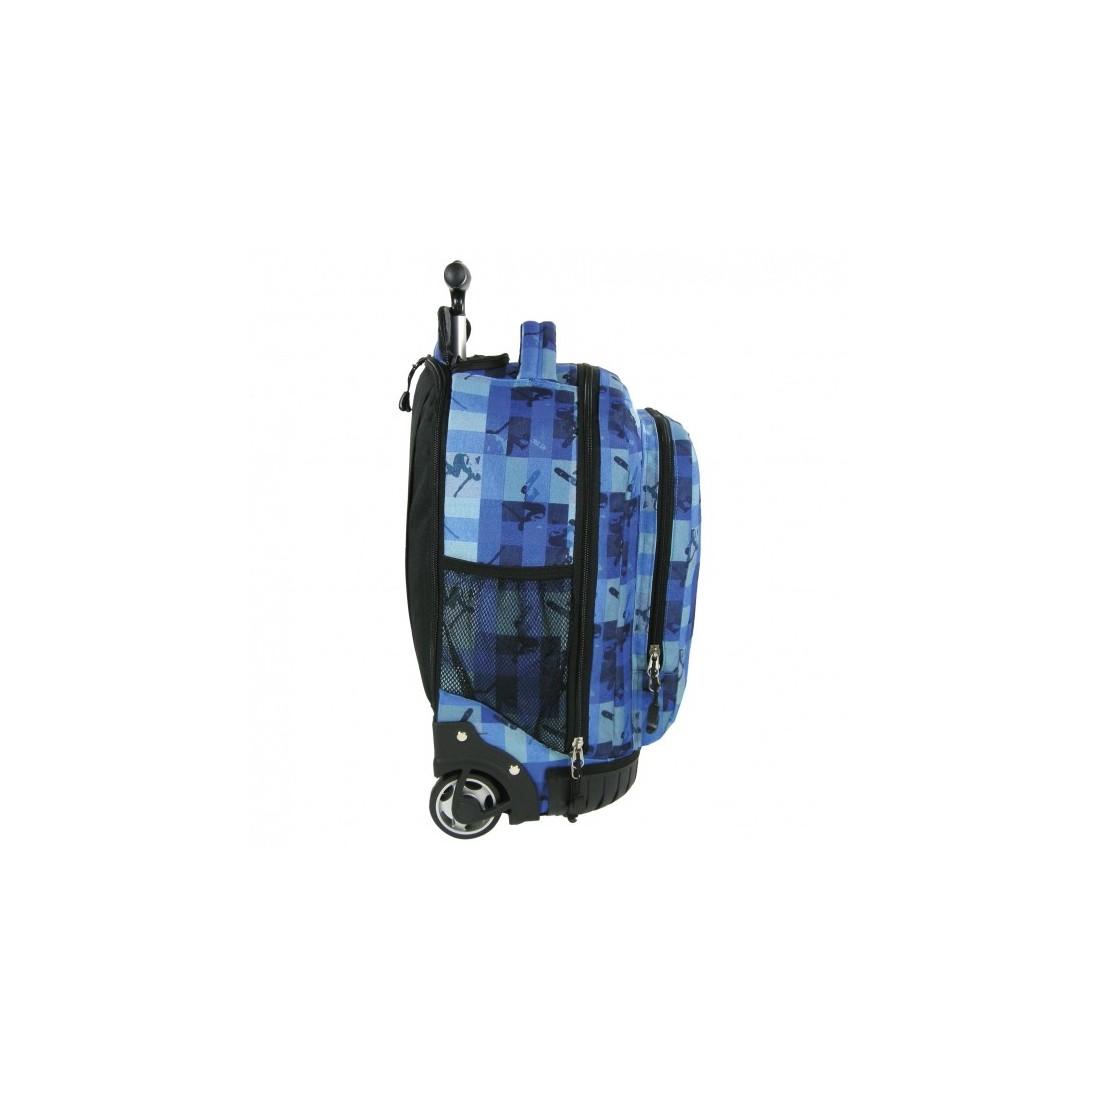 Plecak młodzieżowy na kółkach w niebieską kratkę - plecak-tornister.pl